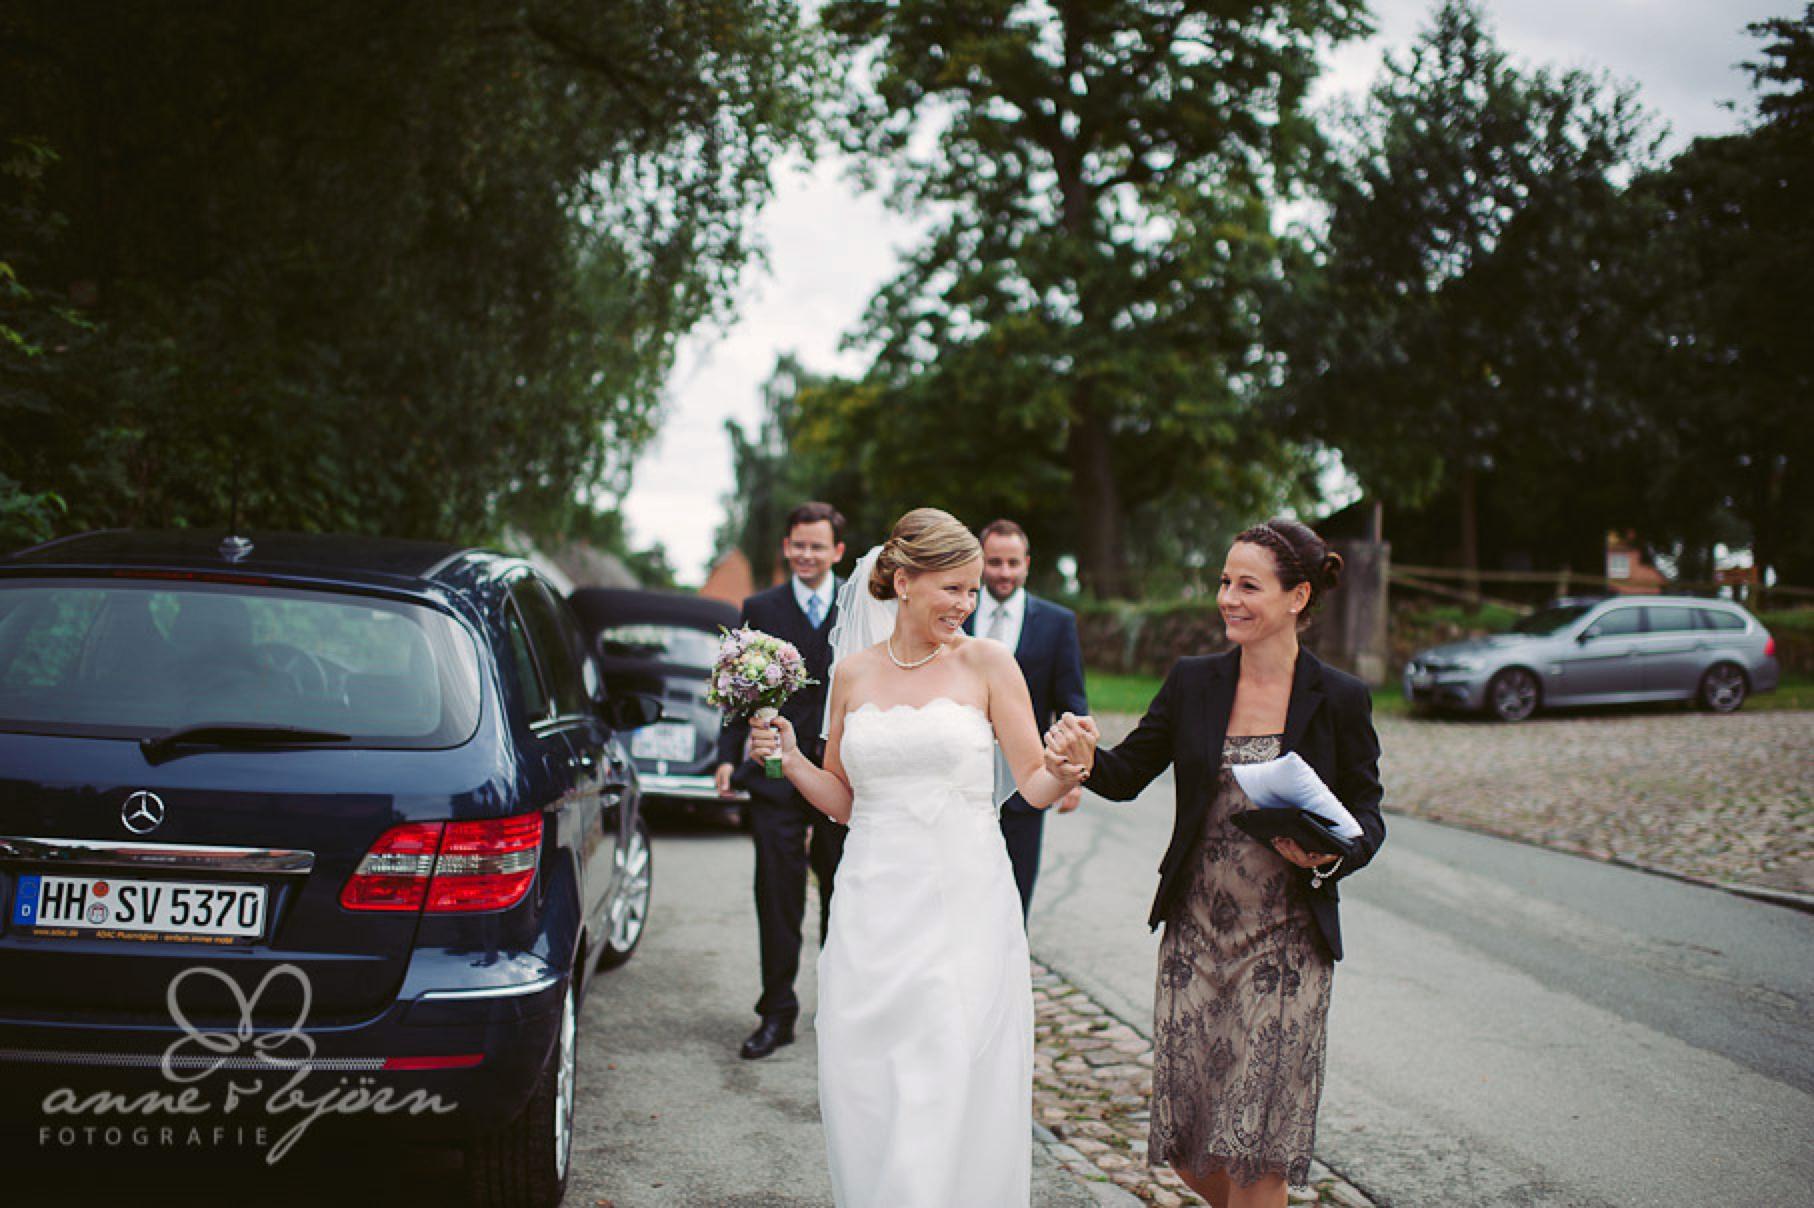 0041 cup aub 21687 1 - Conny und Philipp - Hochzeit im Hotel Waldhof auf Herrenland